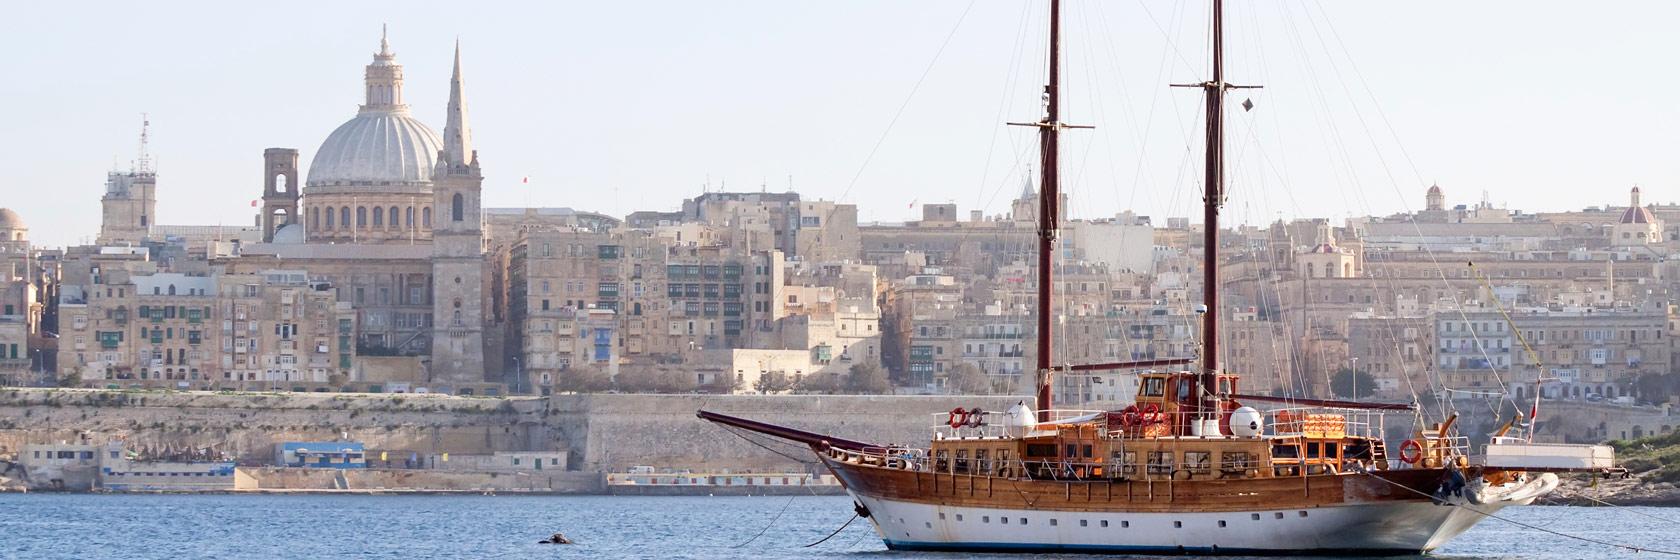 malta-middelhavet-som-det-var-engang